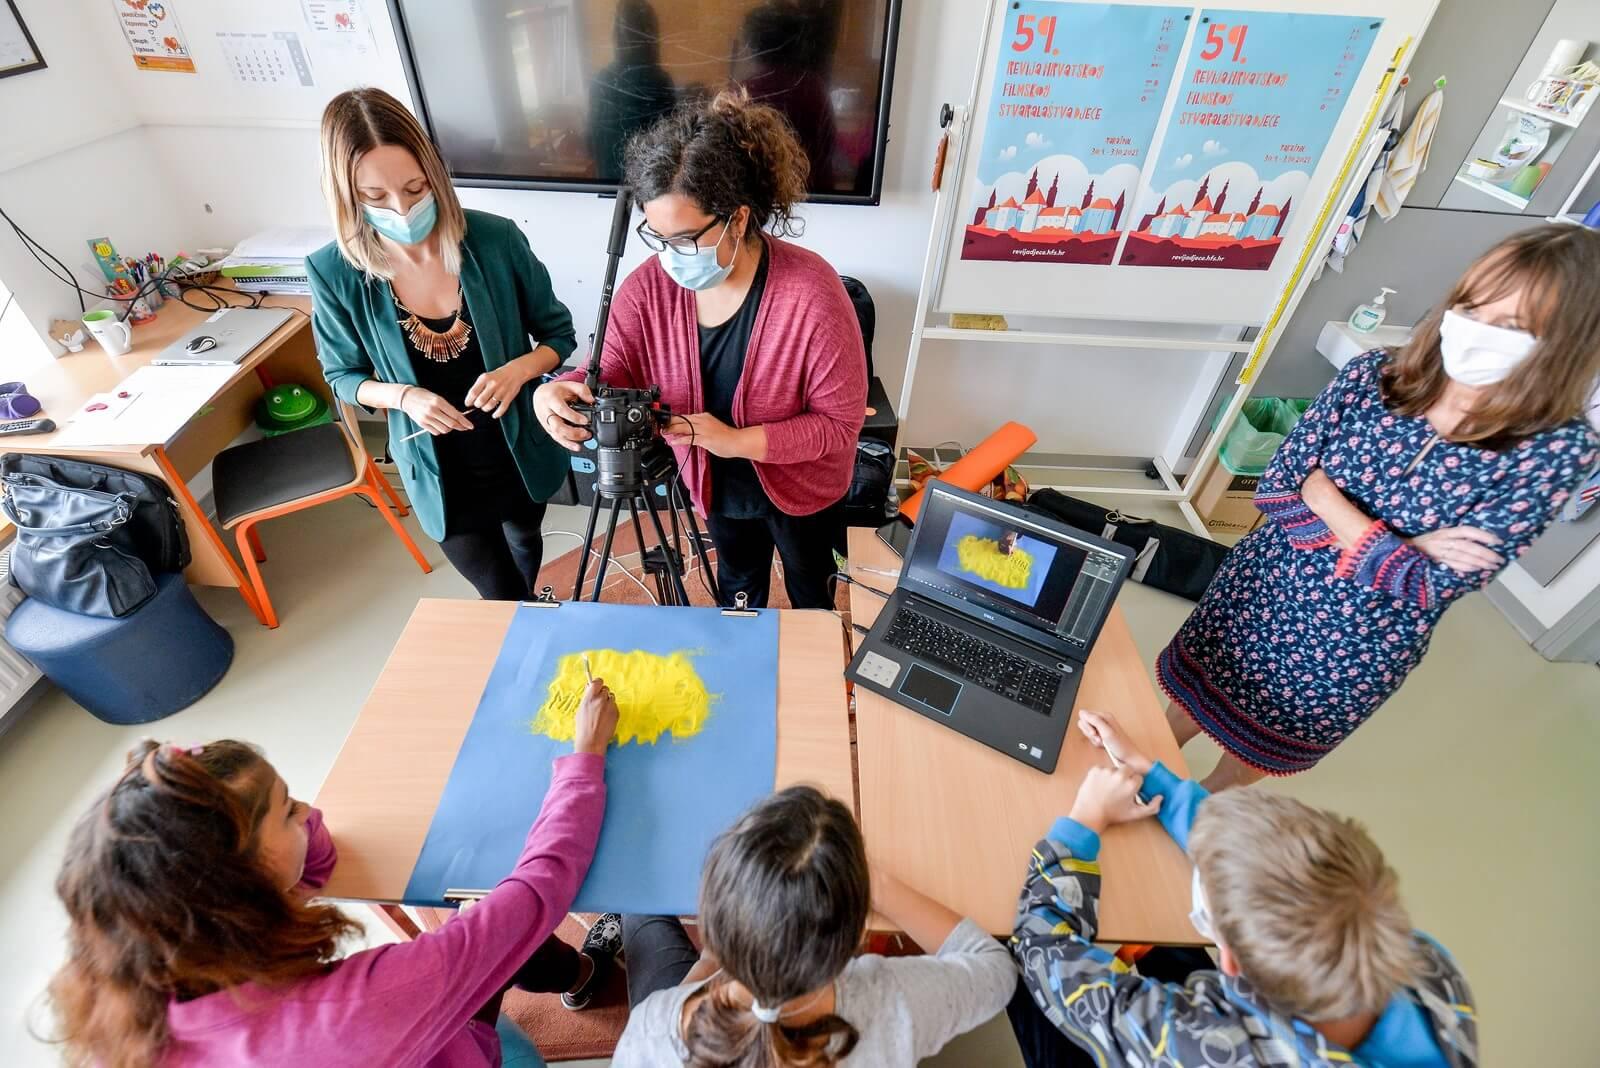 U varaždinskom Centru za odgoj i obrazovanje Tomislav Špoljar odvija se radionica animacije pijeska